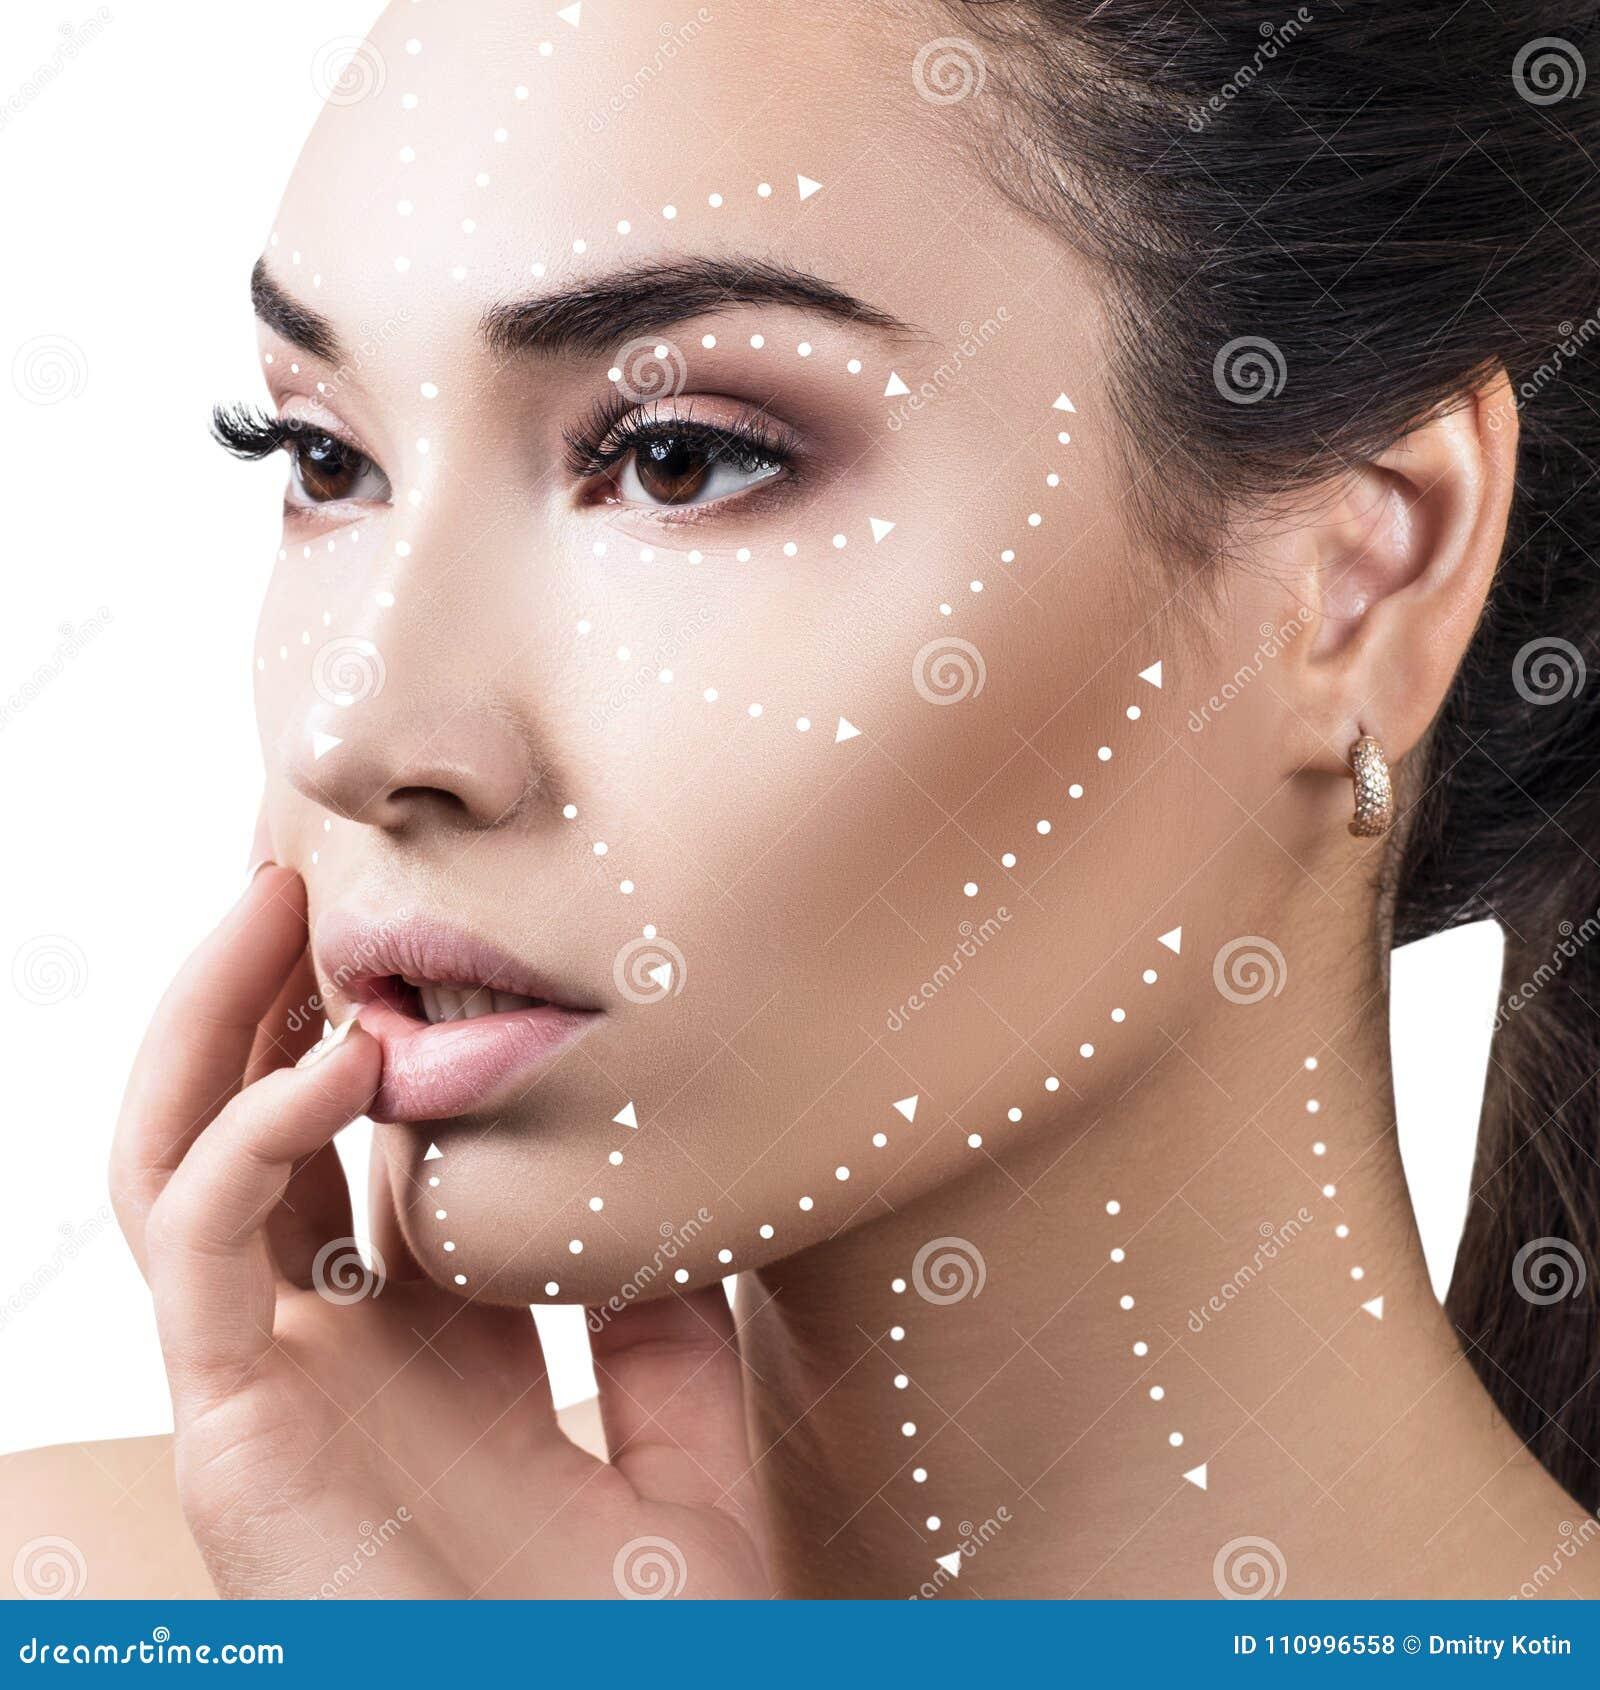 Massagelinjer på härlig kvinnlig framsida visar riktningar